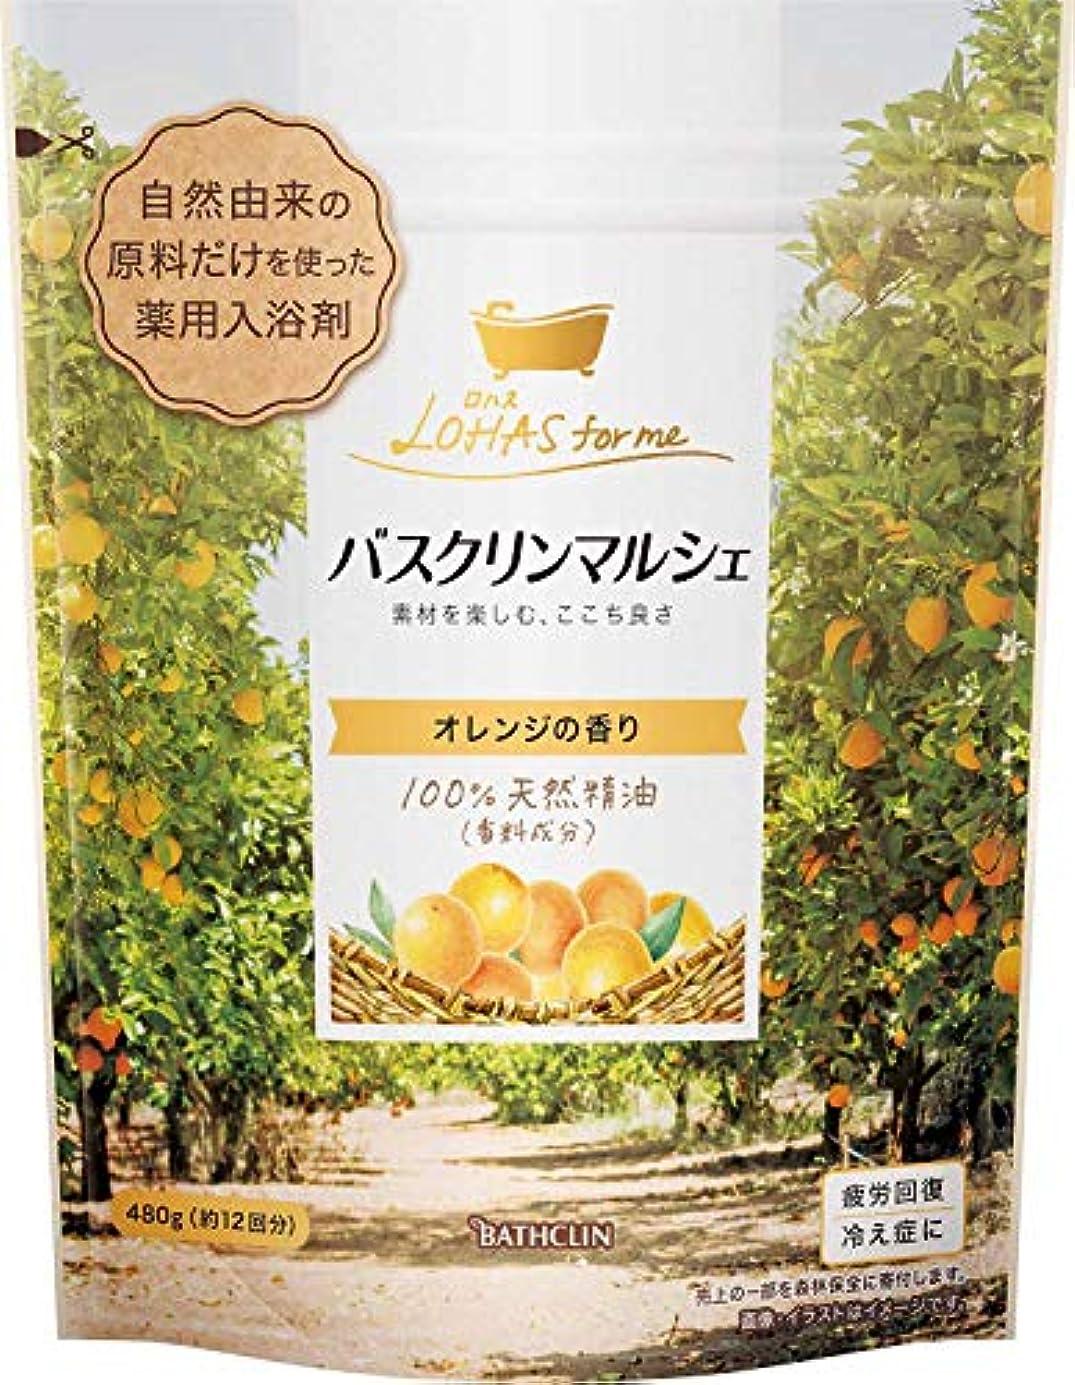 クーポン本当のことを言うとソファー【医薬部外品/合成香料無添加】バスクリンマルシェ入浴剤 オレンジの香り480g 自然派ほのかなやさしい香り